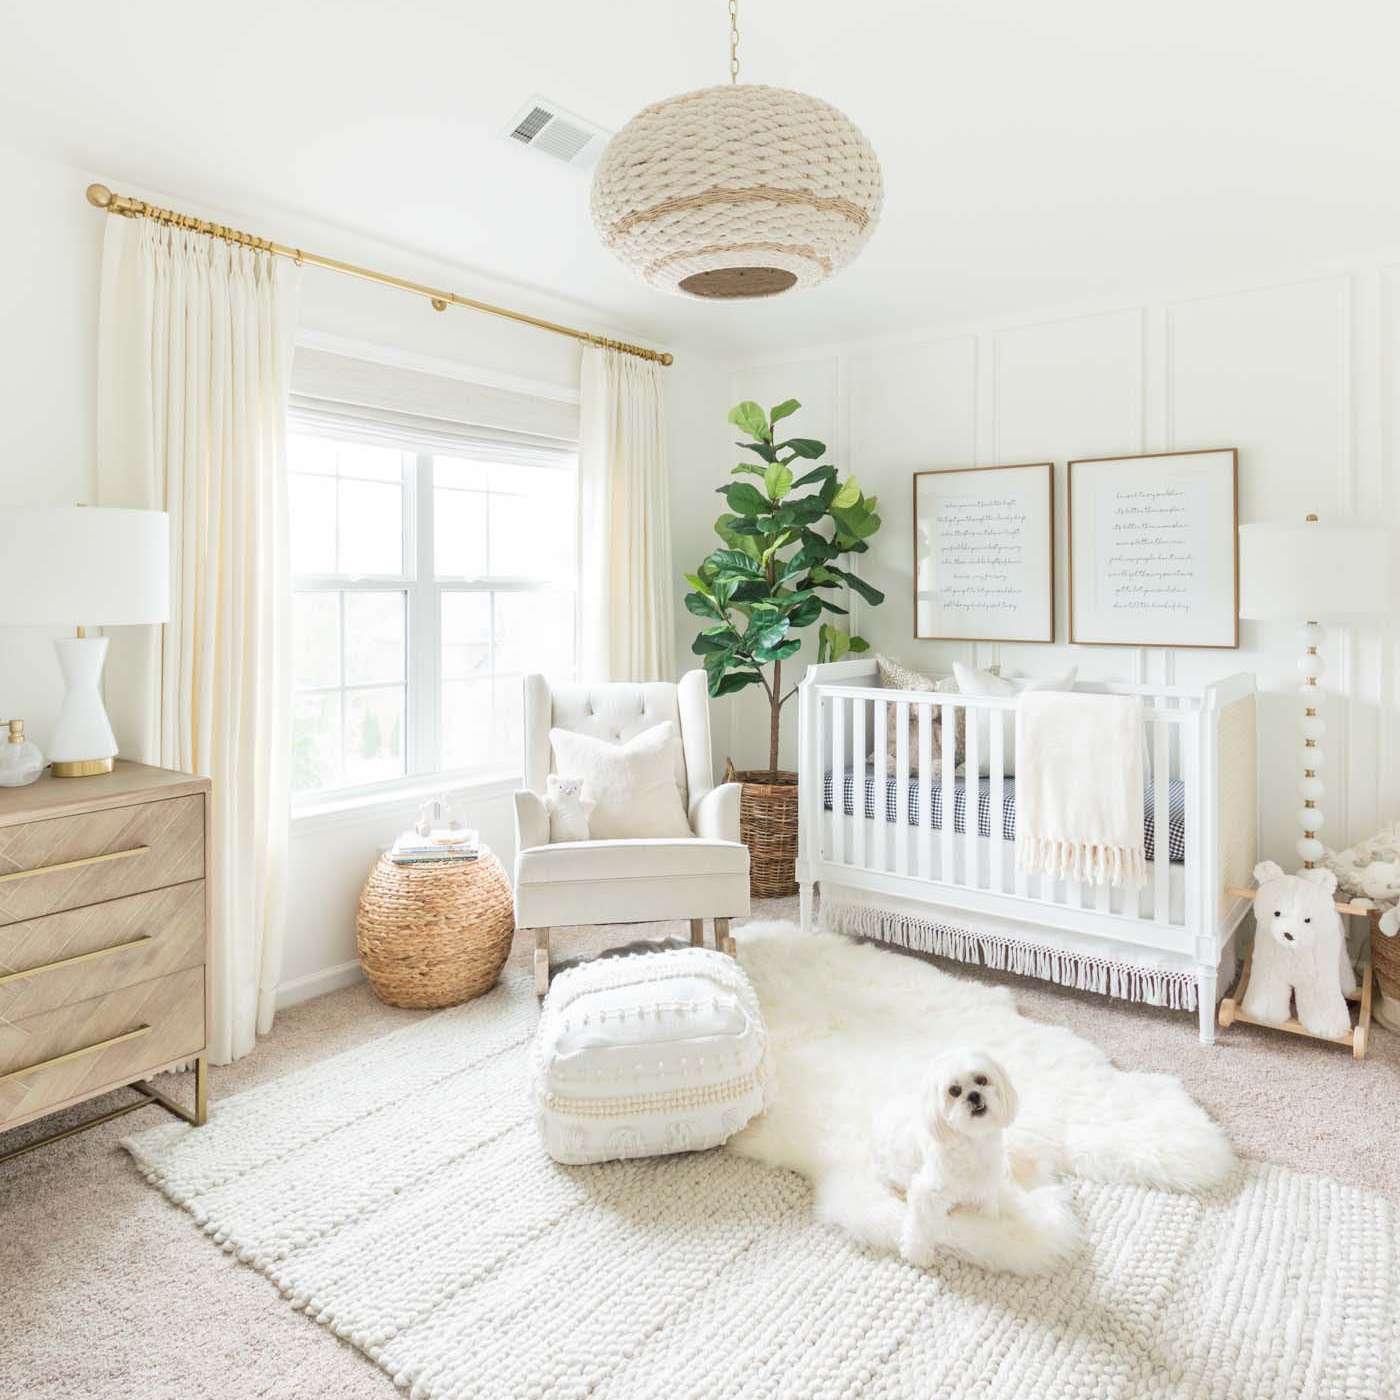 Neutral white on white nursery with cozy textures